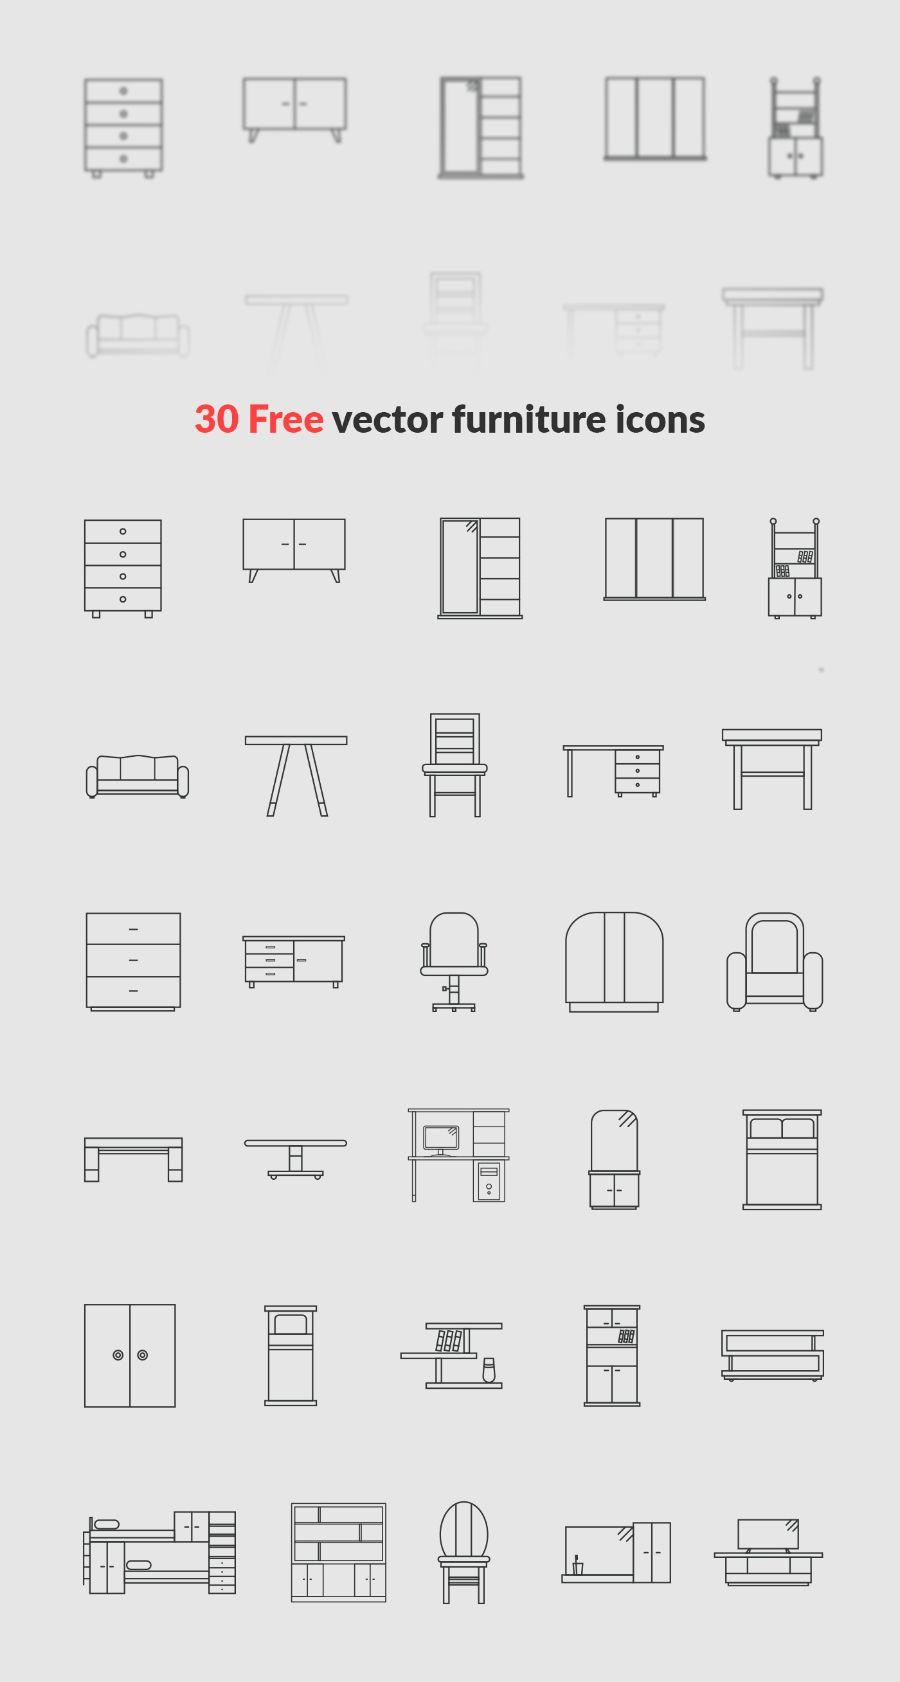 les 25 meilleures id u00e9es de la cat u00e9gorie free web icons sur